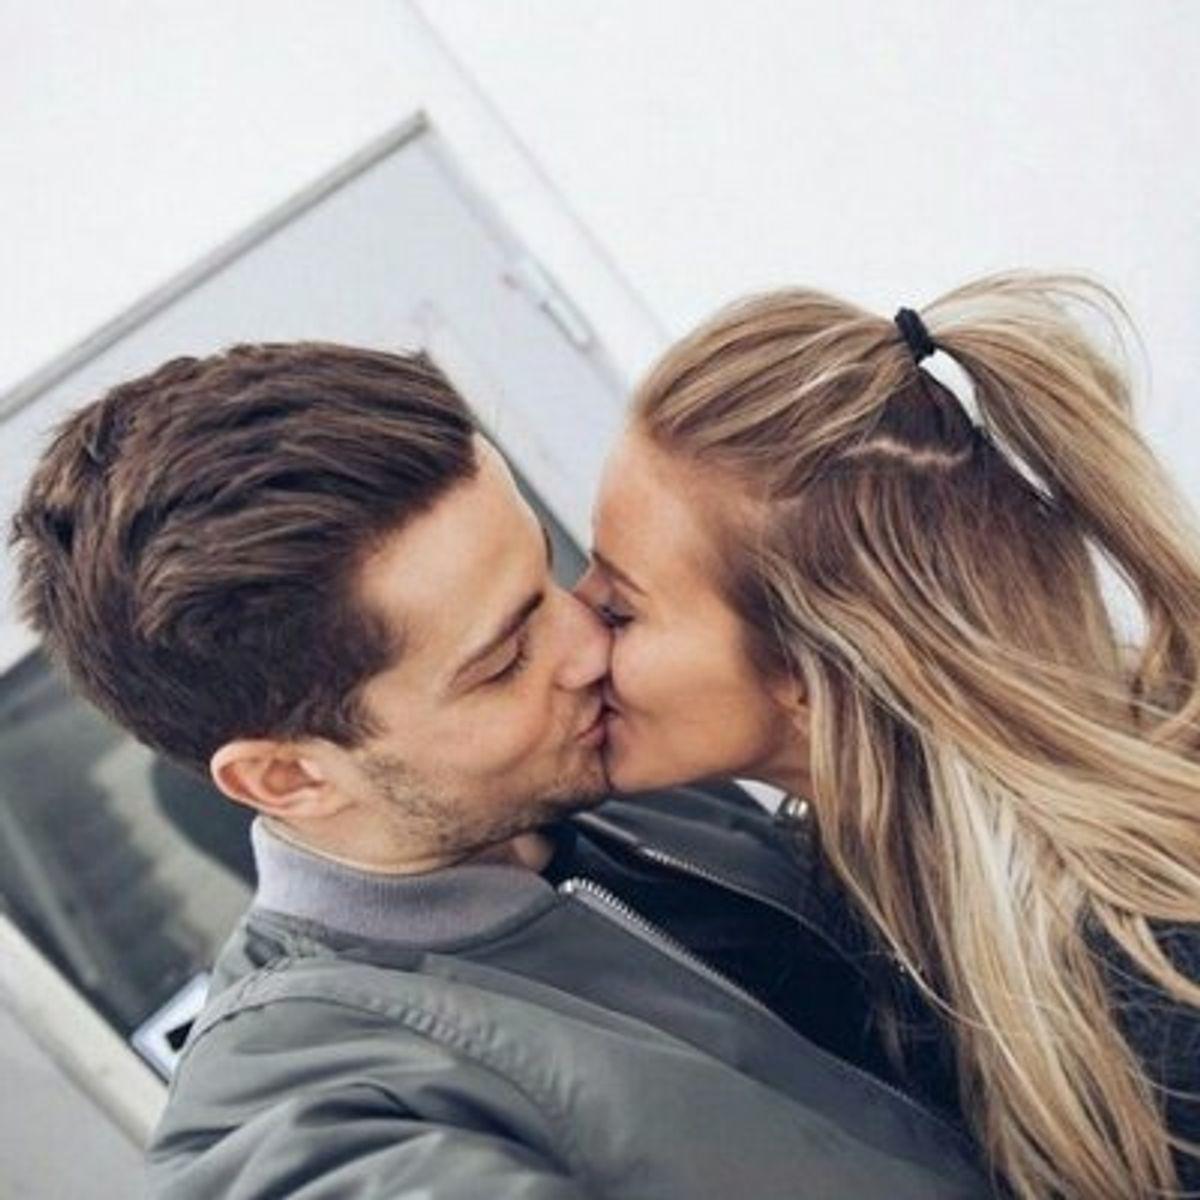 Küsse gute Richtig küssen